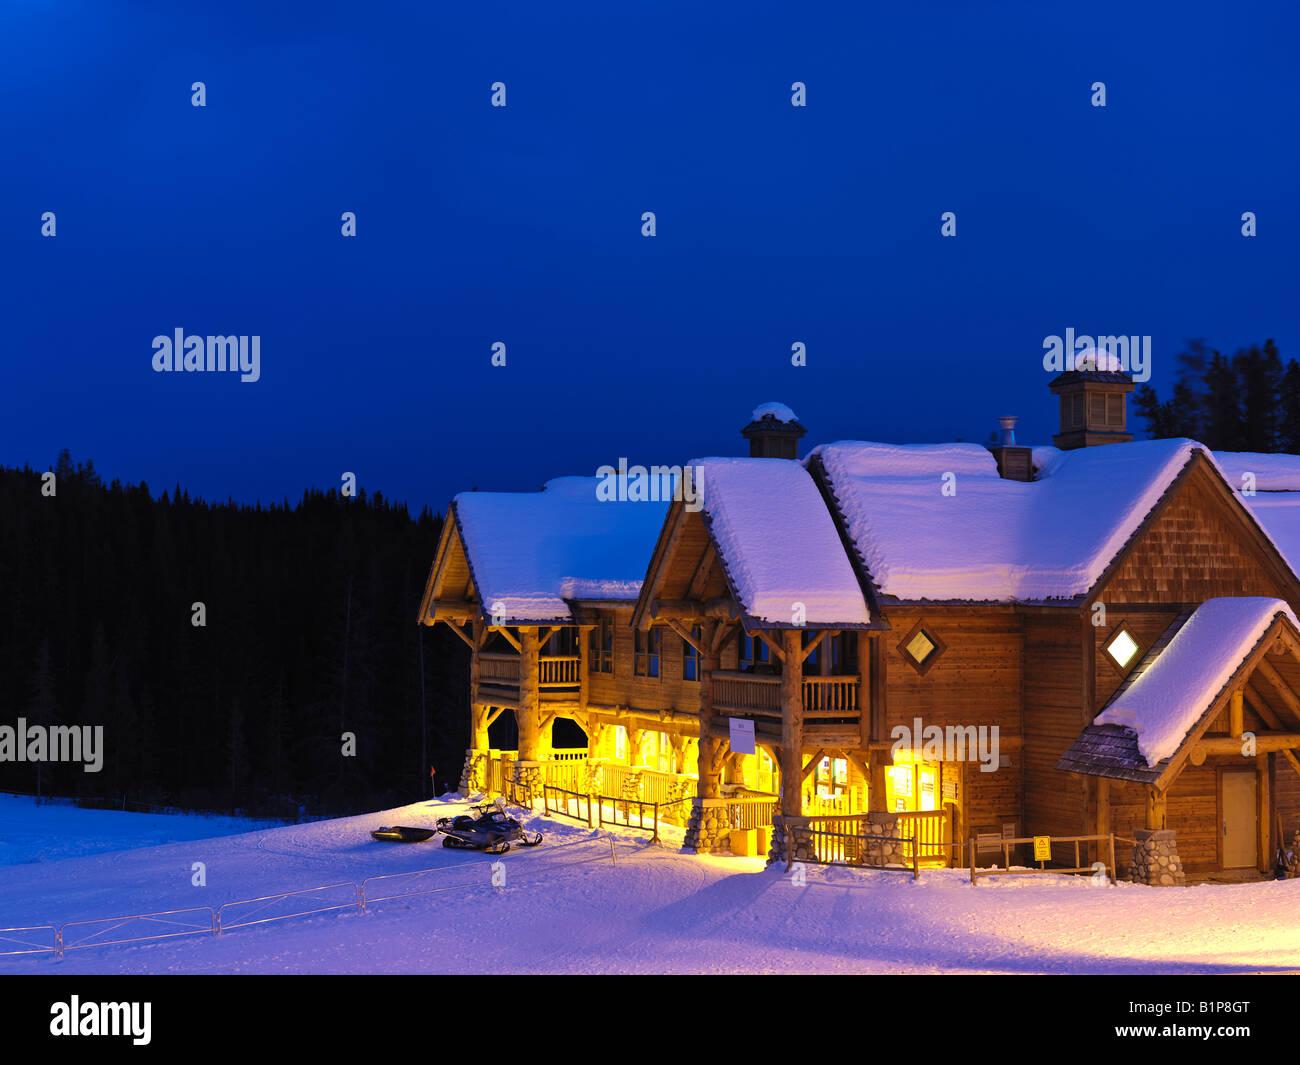 Kanada Alberta Banff National Park Lake Louise Wiskeyjack-Ski-Hütte im winter Stockbild